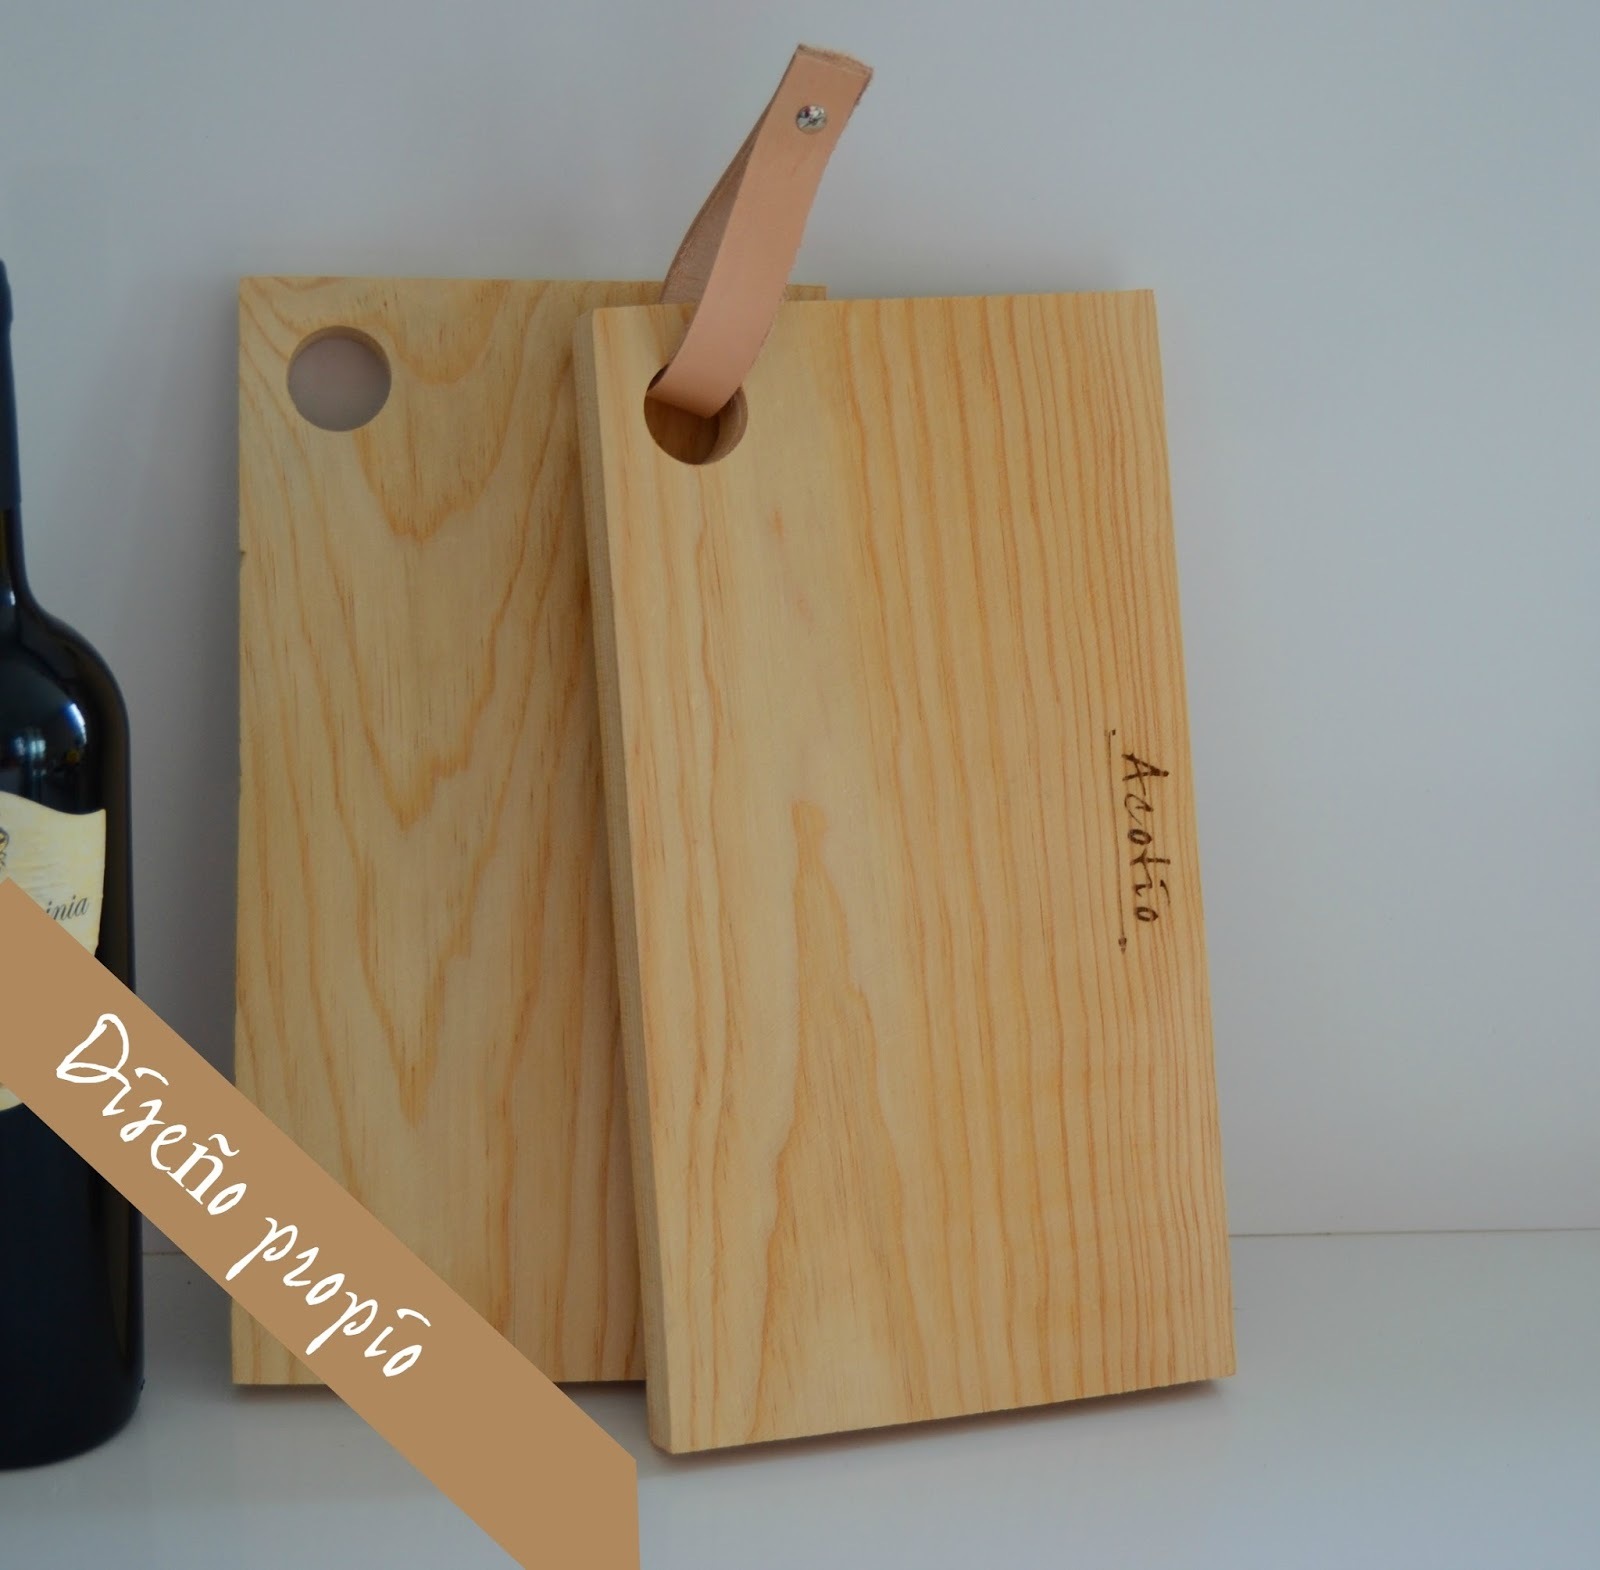 Tablas de madera diferentes para la cocina acot o dec - Productos de madera para manualidades ...